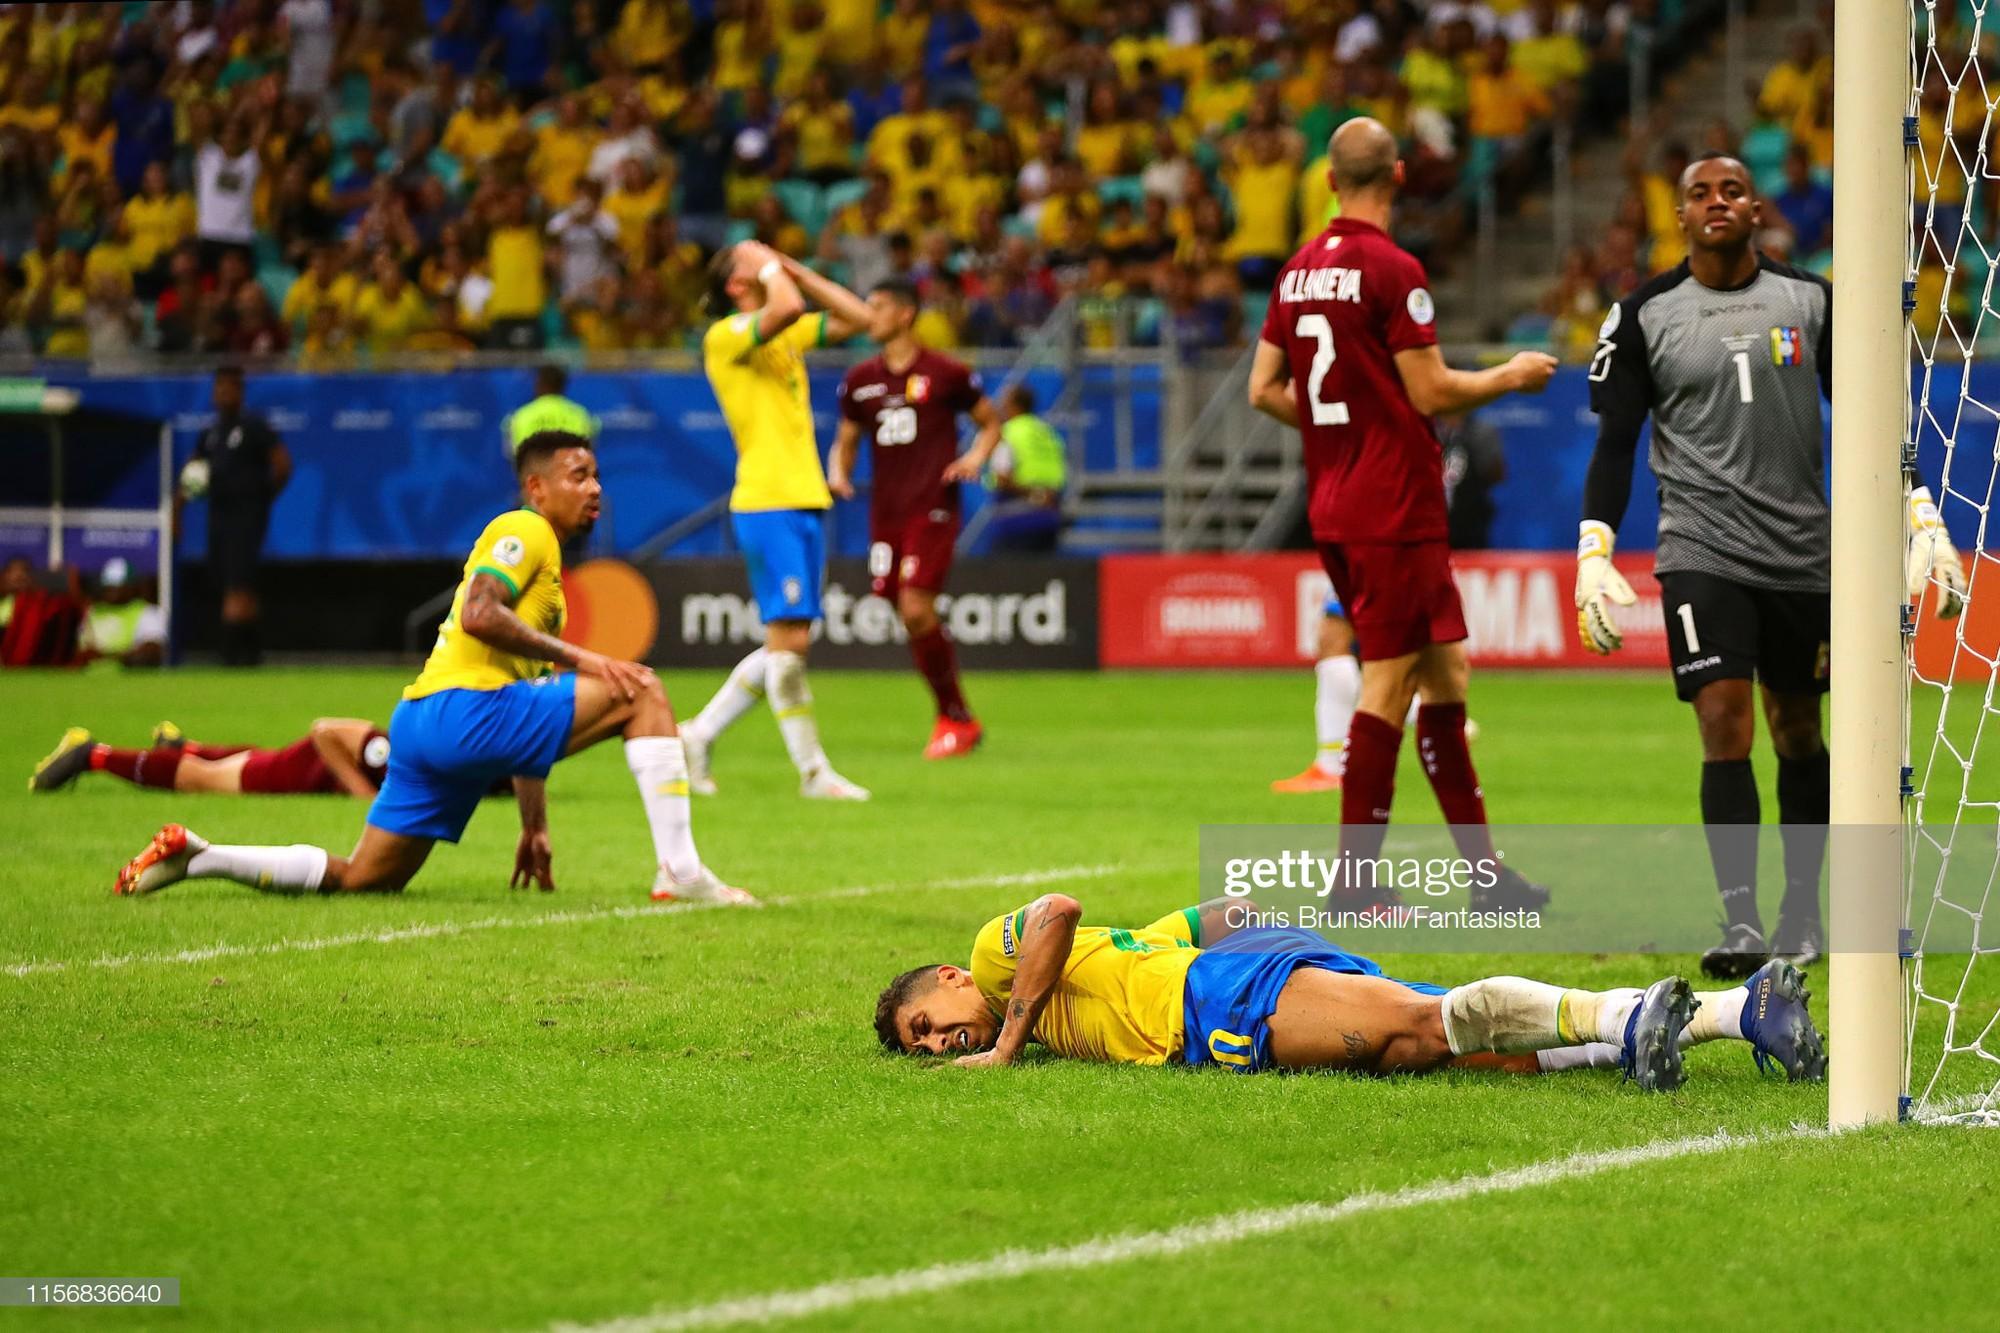 Có đội bóng nào đen đủi hơn tuyển Brazil hôm nay: 3 lần ăn mừng hụt để rồi rời sân trong nỗi thất vọng - Ảnh 10.